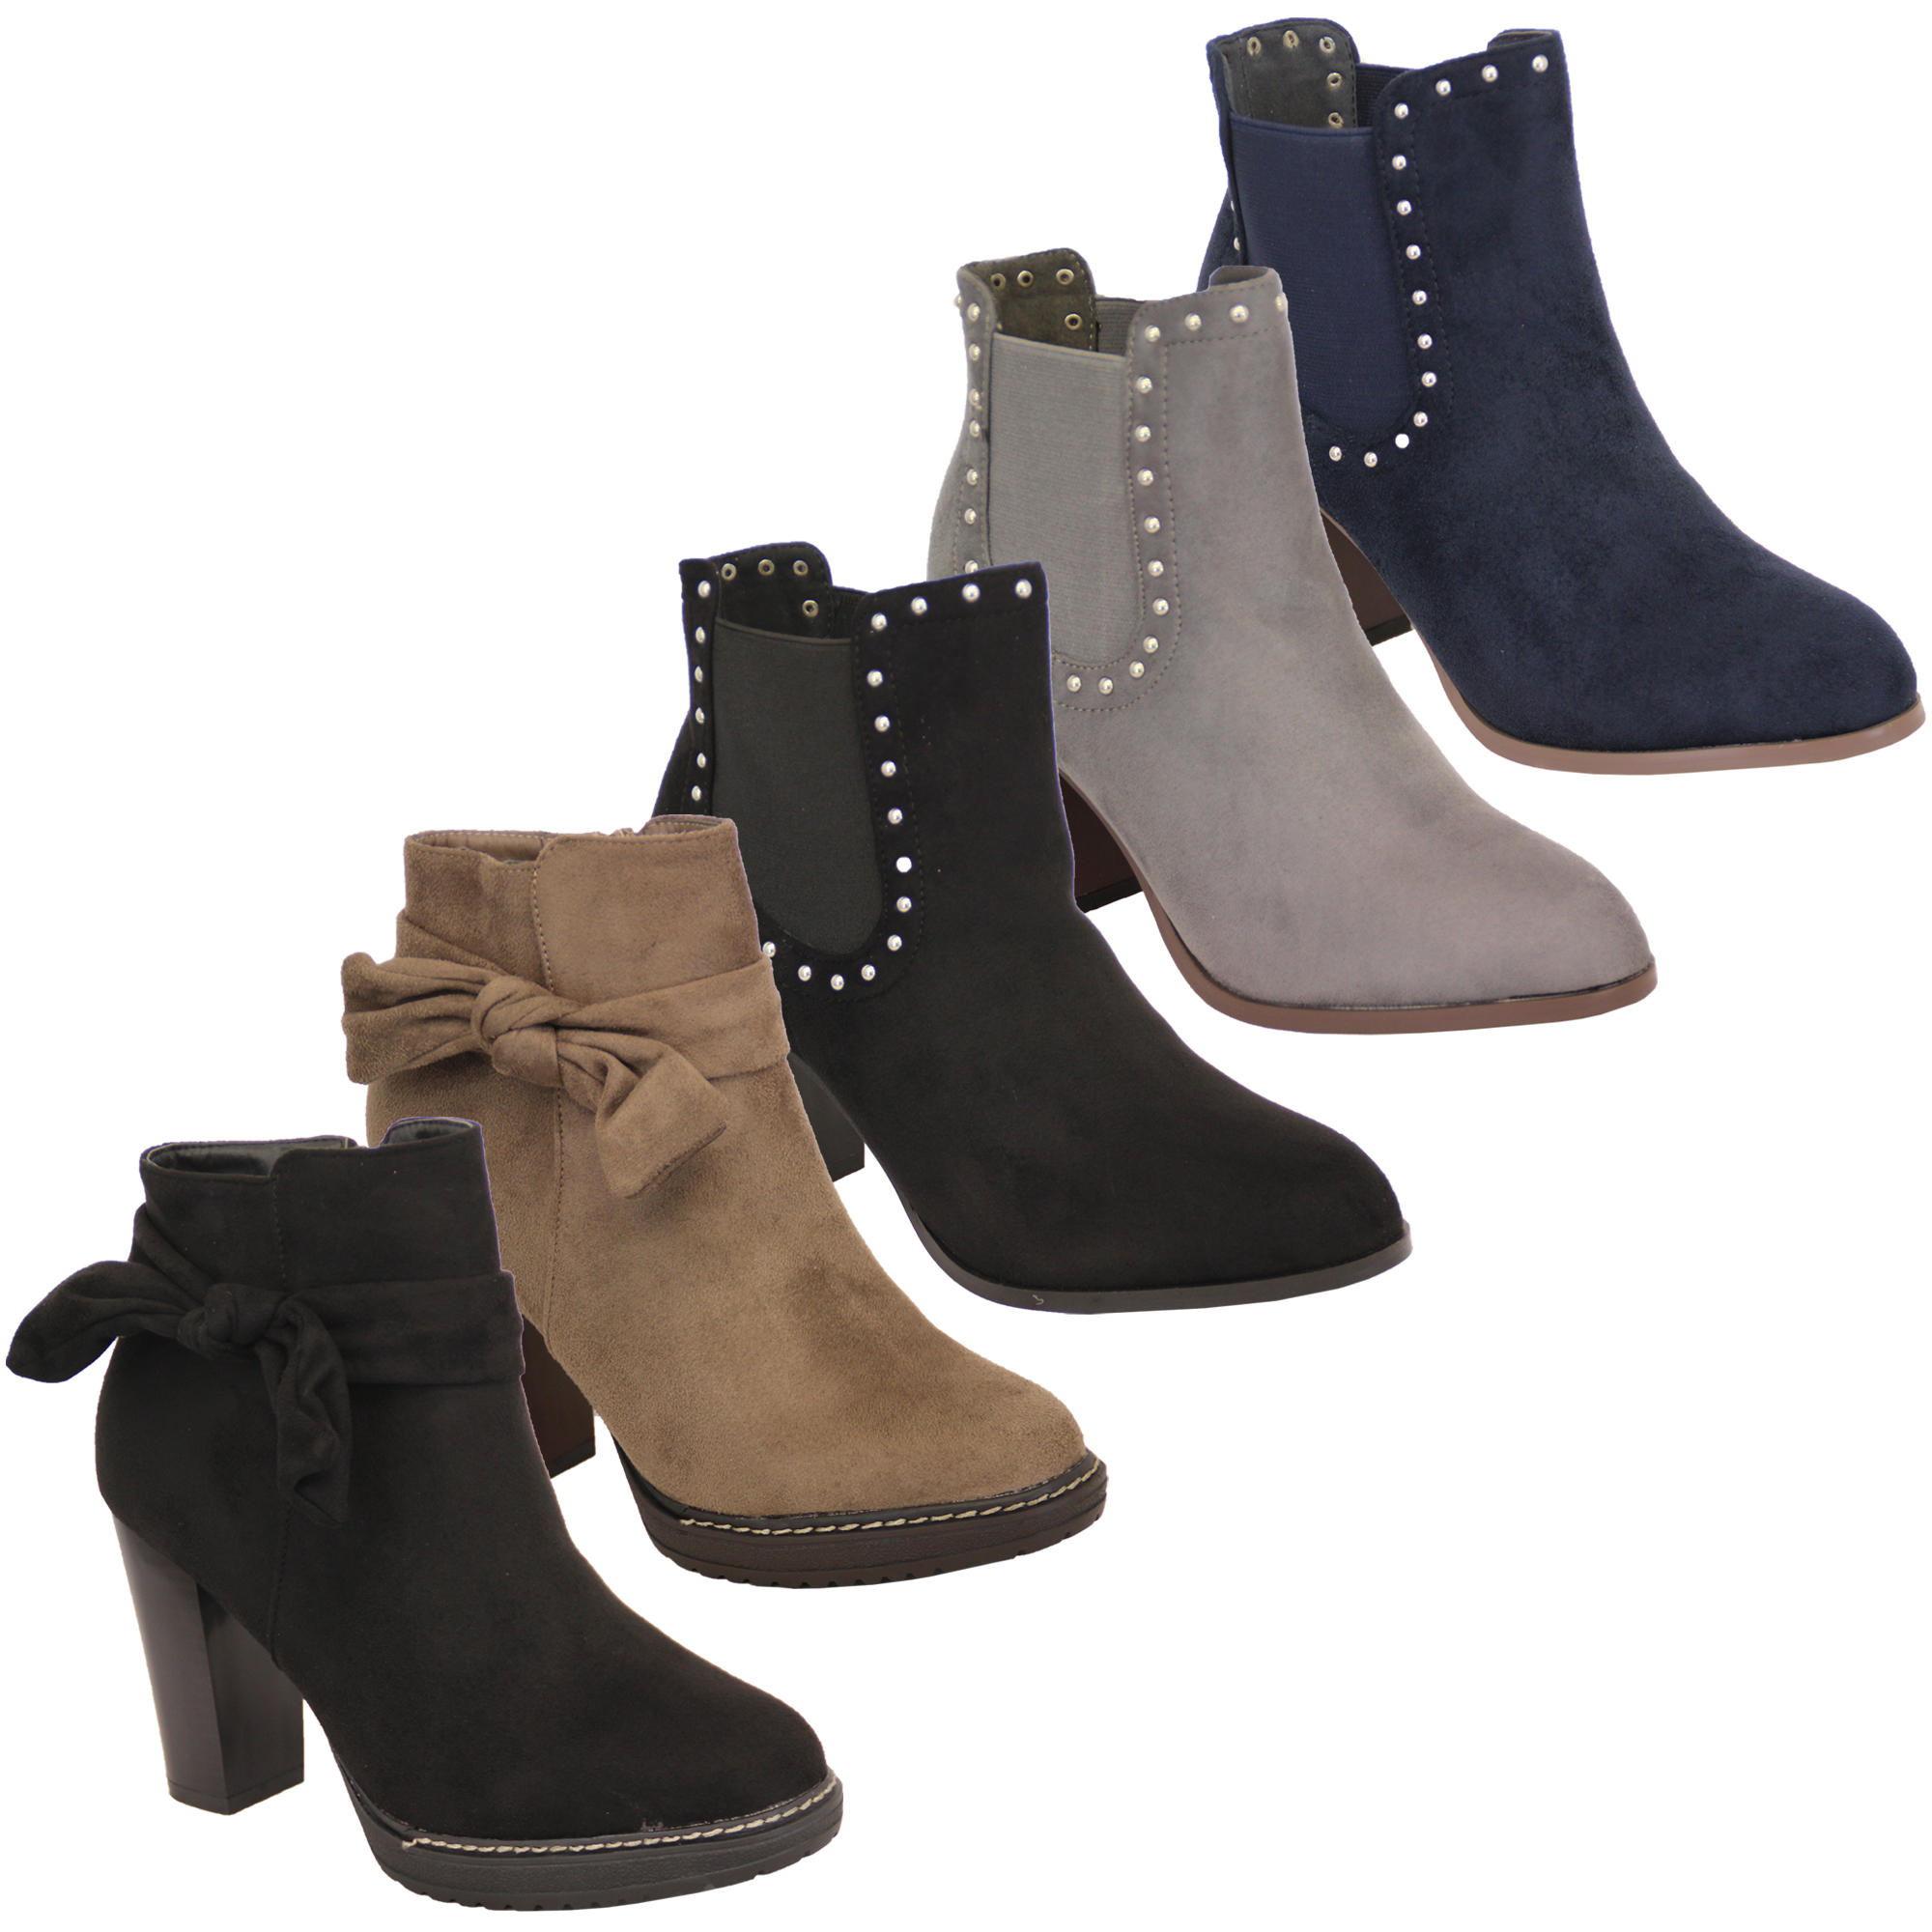 c5210dfd9 Mujer Chelsea Botas Estilo Motero Mujer Look ante Zapatos Plataforma ...